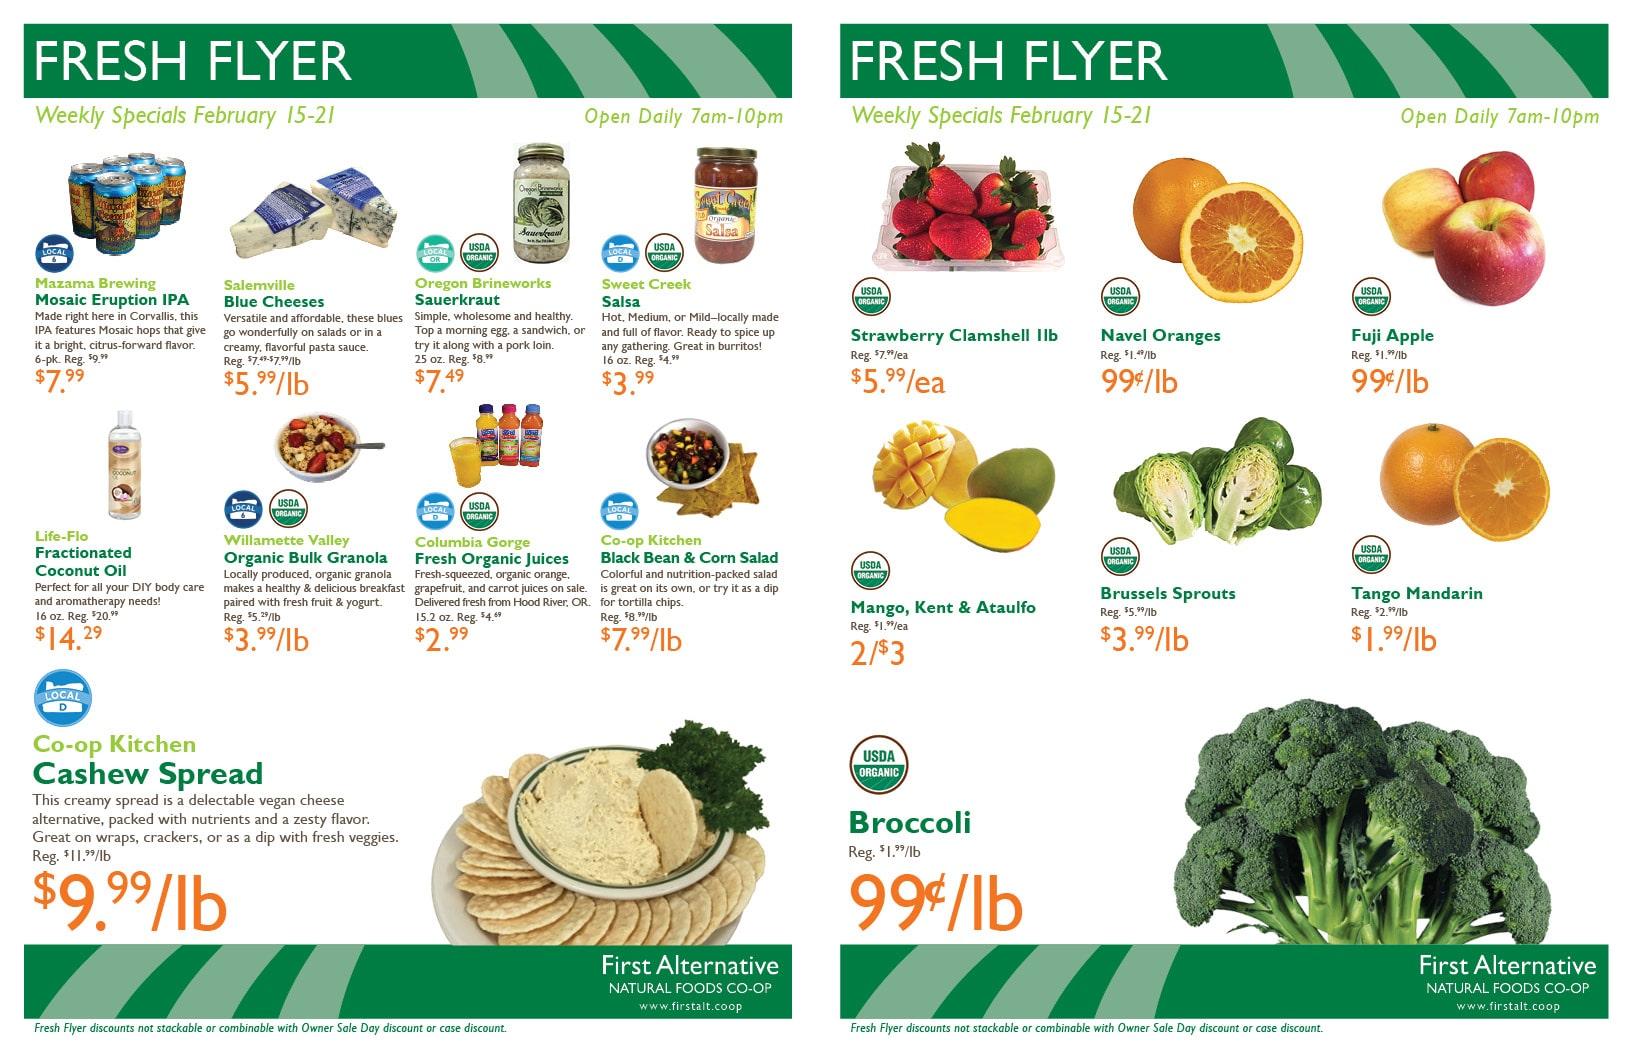 First Alternative Fresh Flyer Feb 15-21